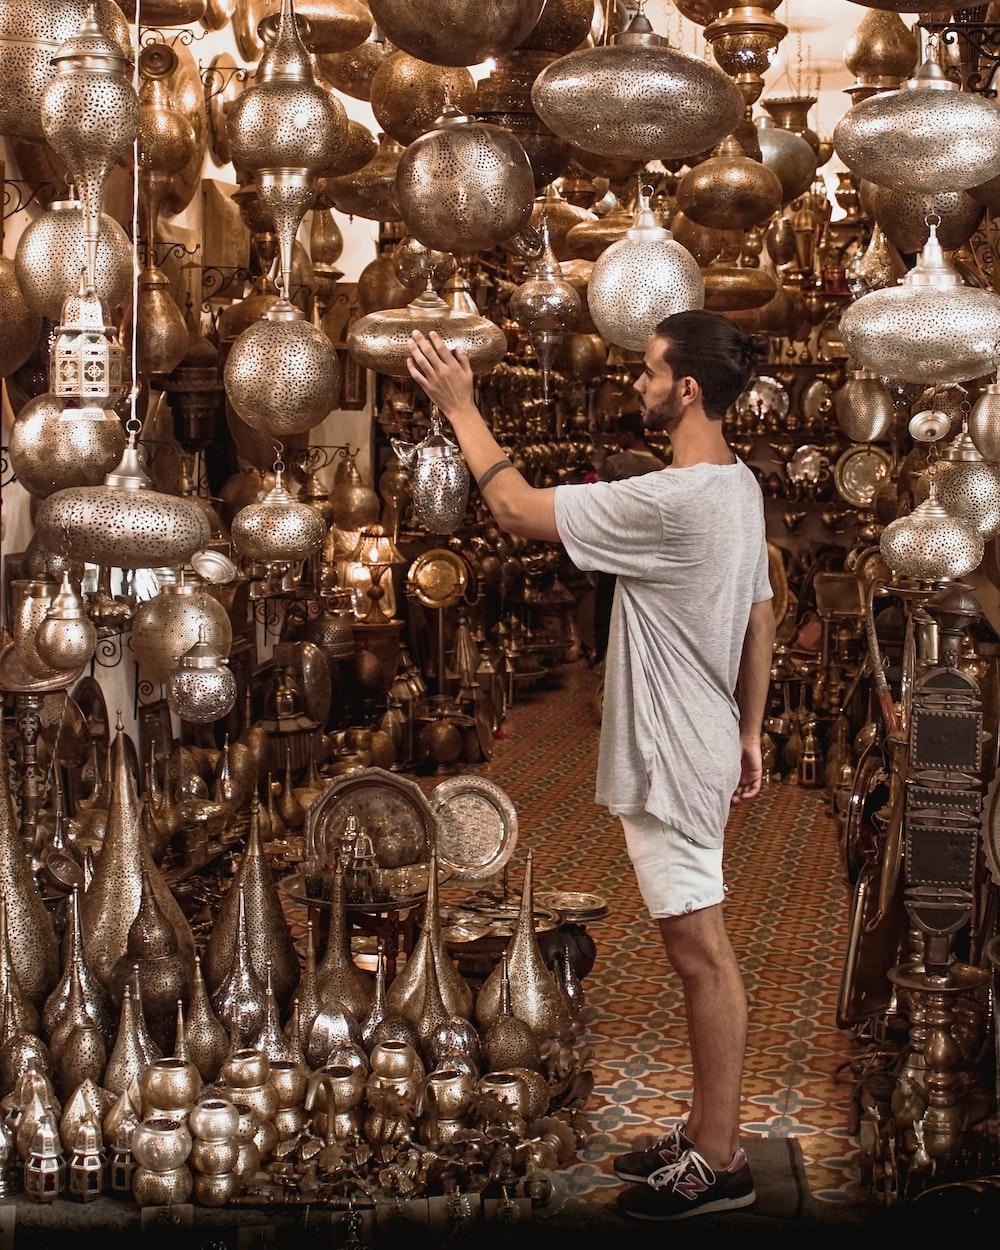 interior of a store full of metal jars